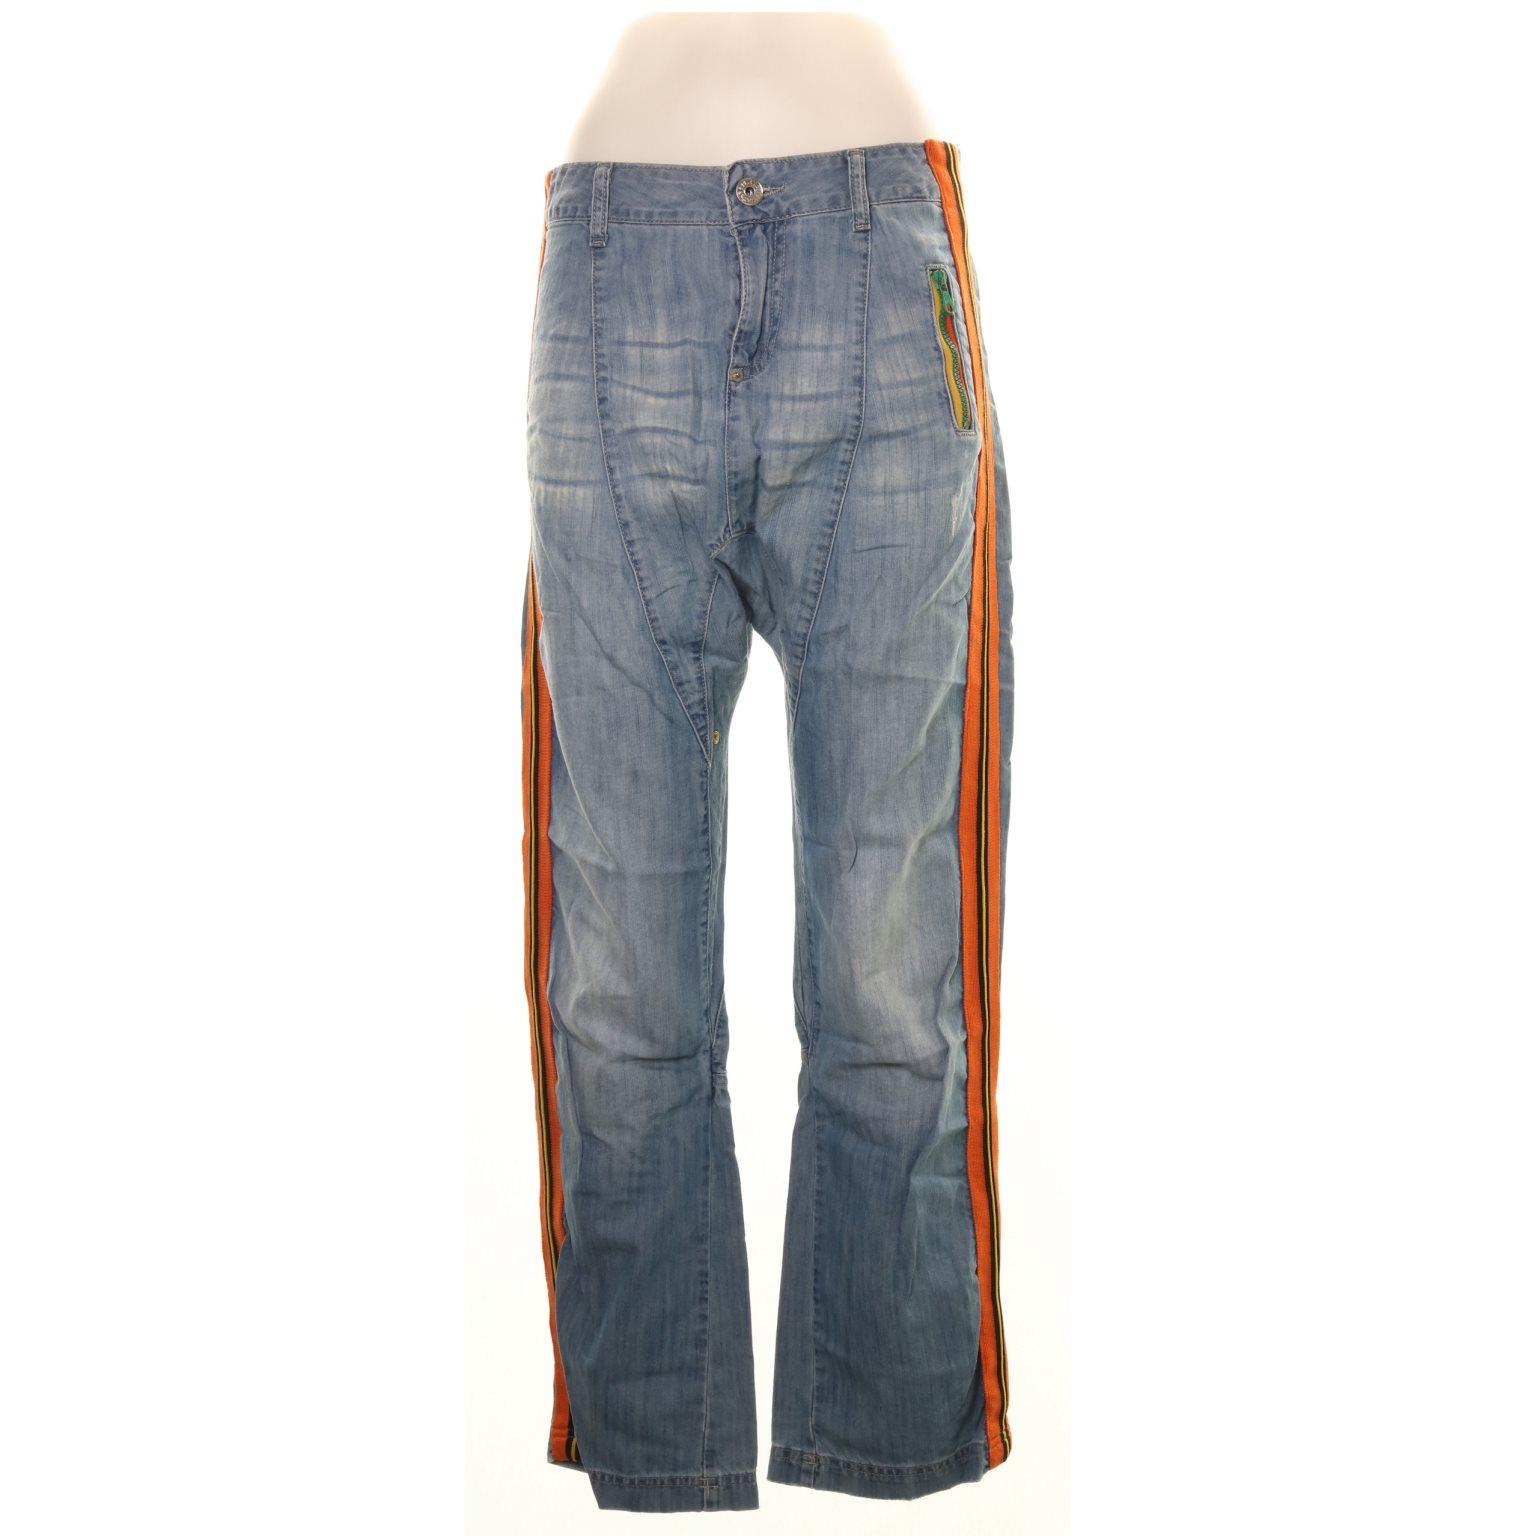 81d769dd Replay, Jeans, Strl: 28, Blå/Flerfärgad (337968712) ᐈ Sellpy på Tradera